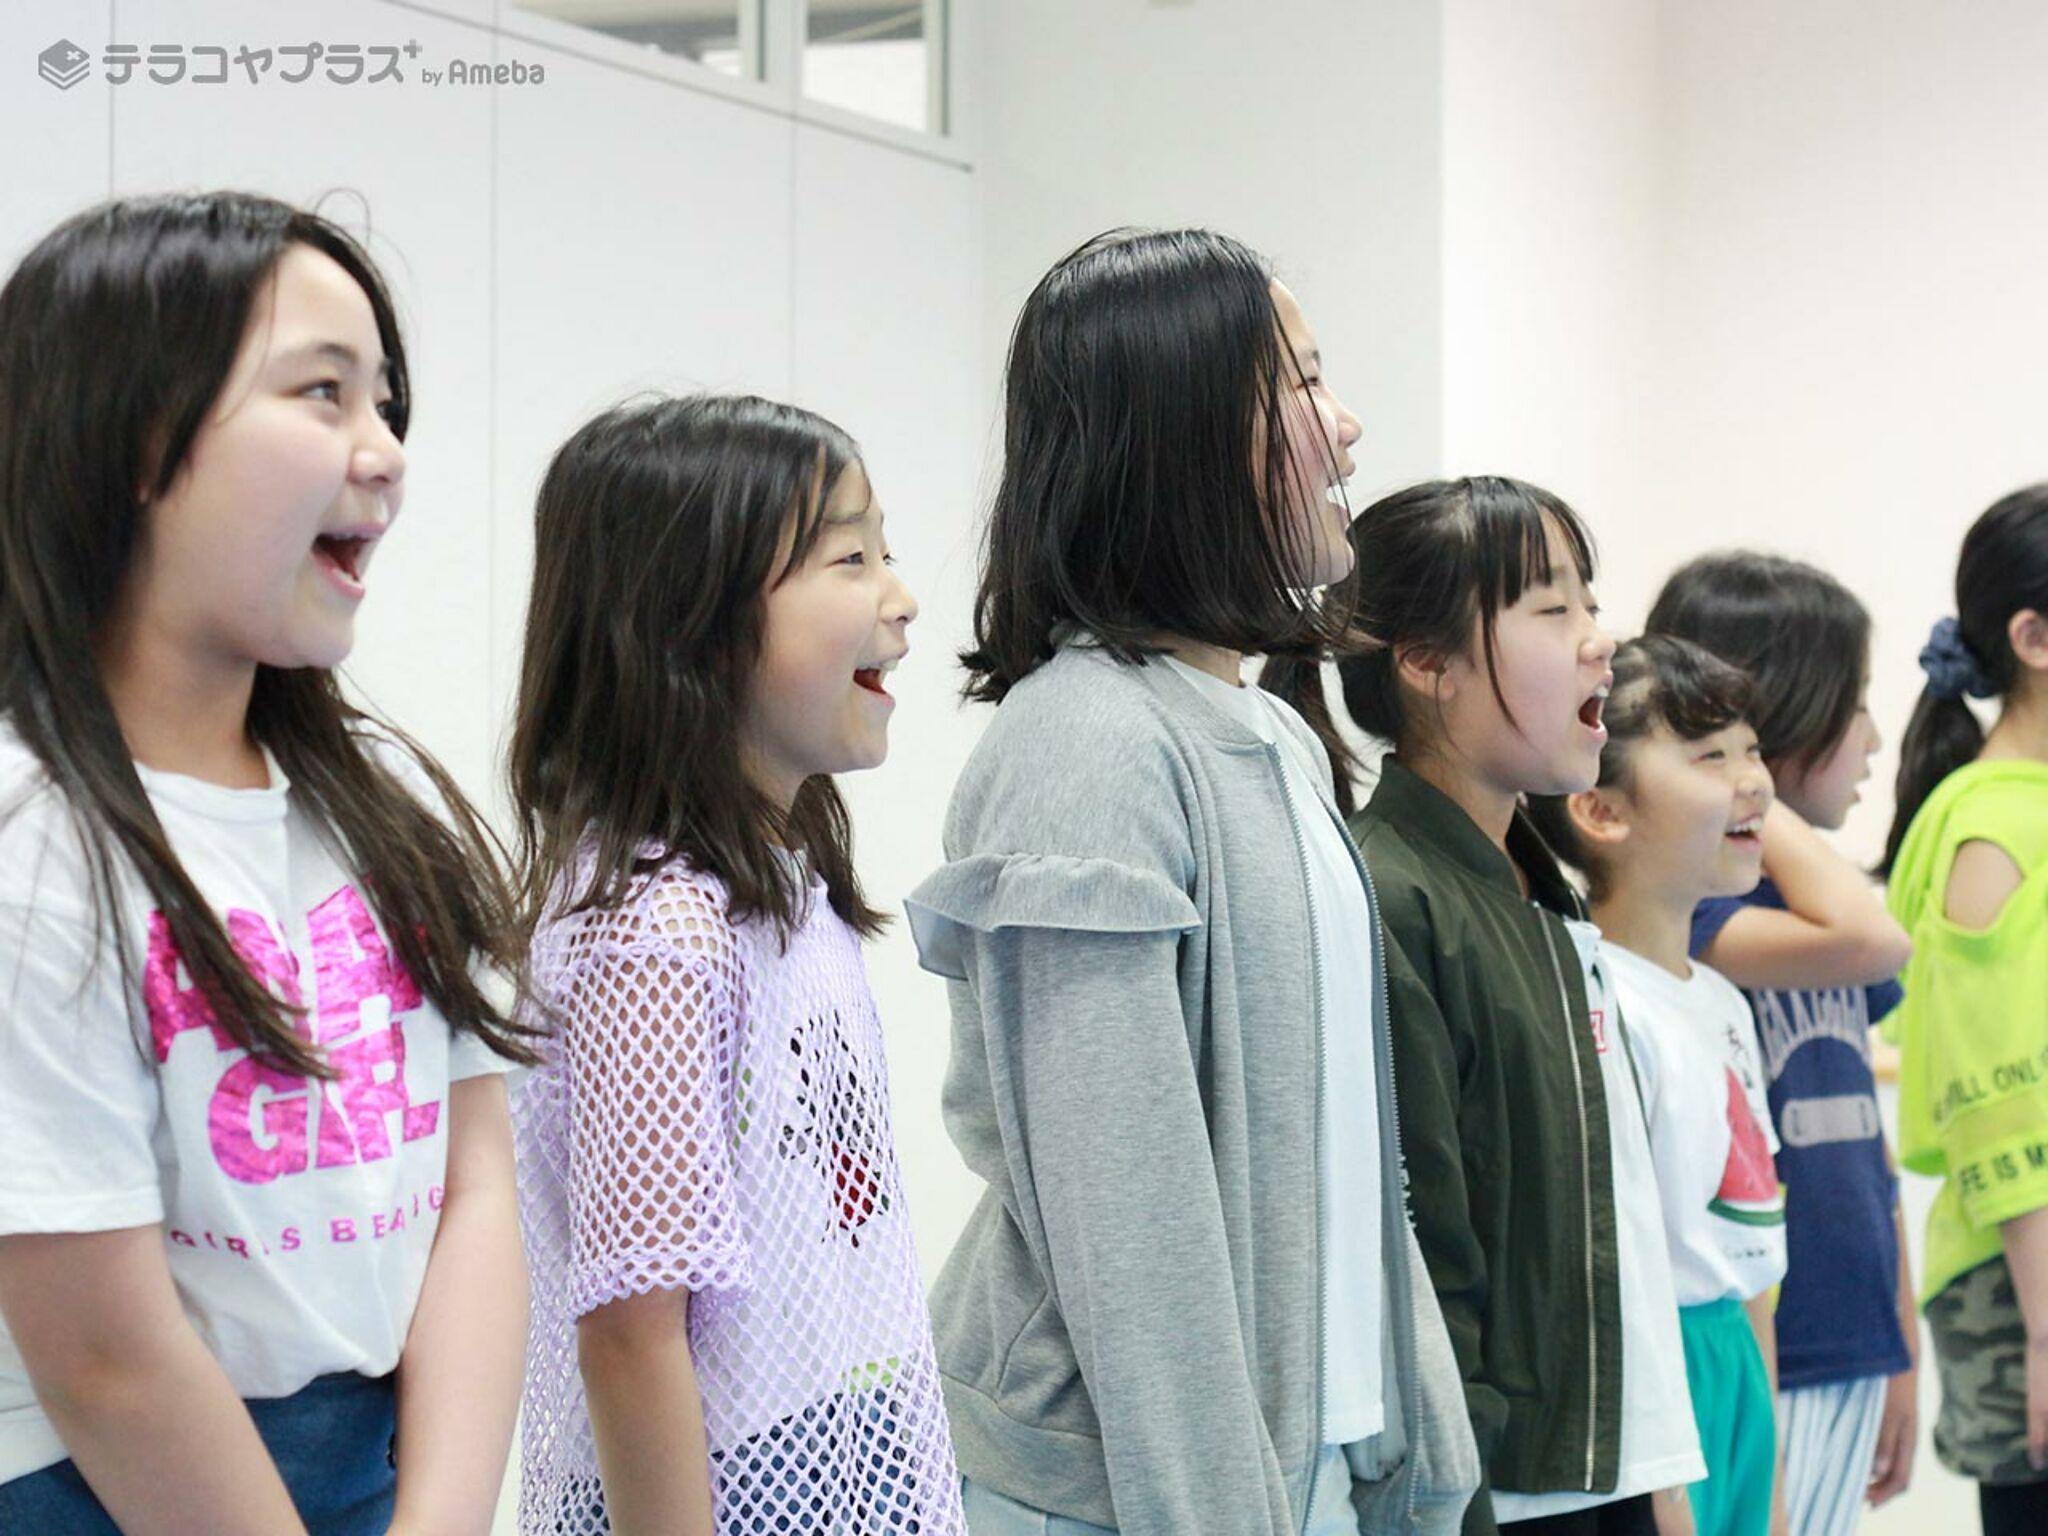 発声練習をしている子どもの画像